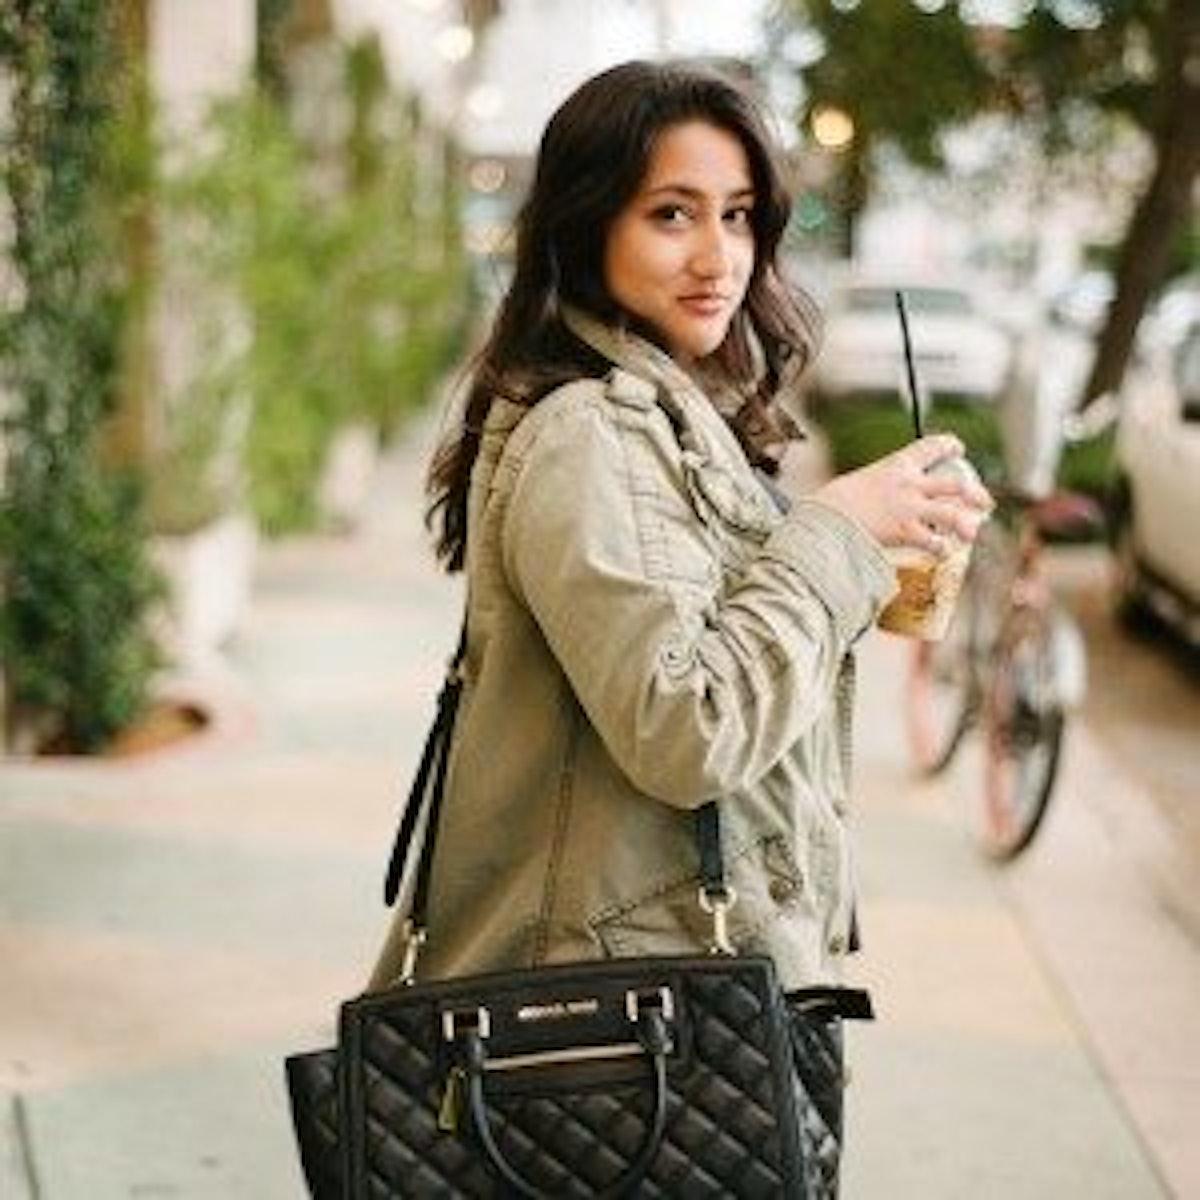 Sanah Faroke